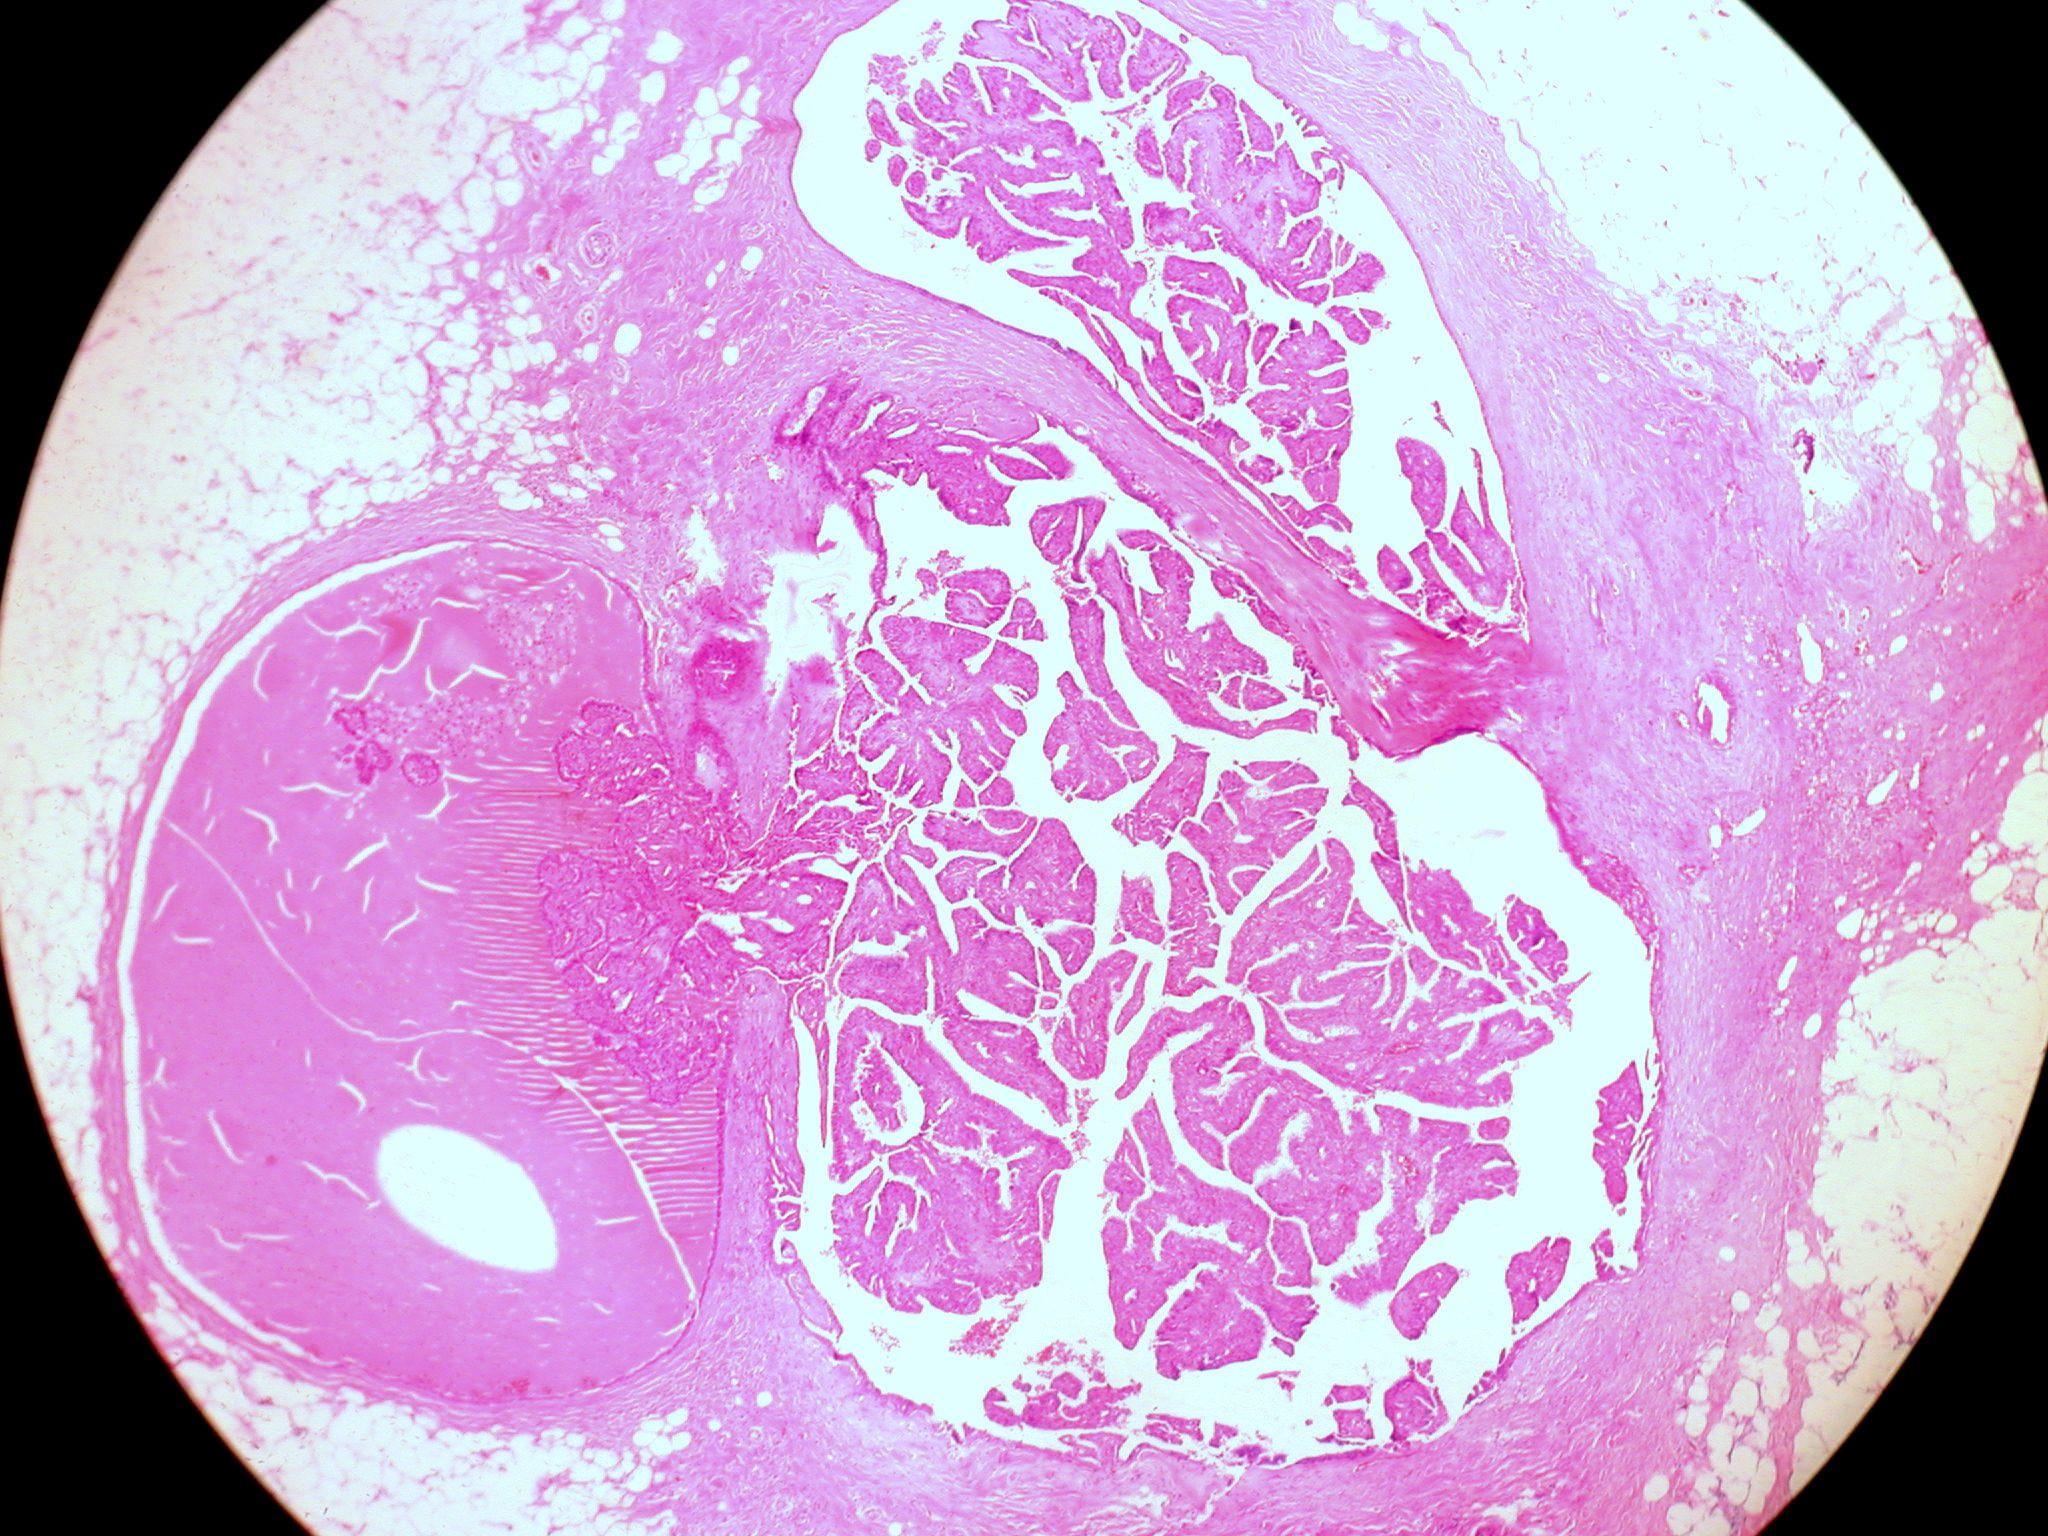 amely a ductalis papillomatosis humán papillomavírus hpv vakcina kor